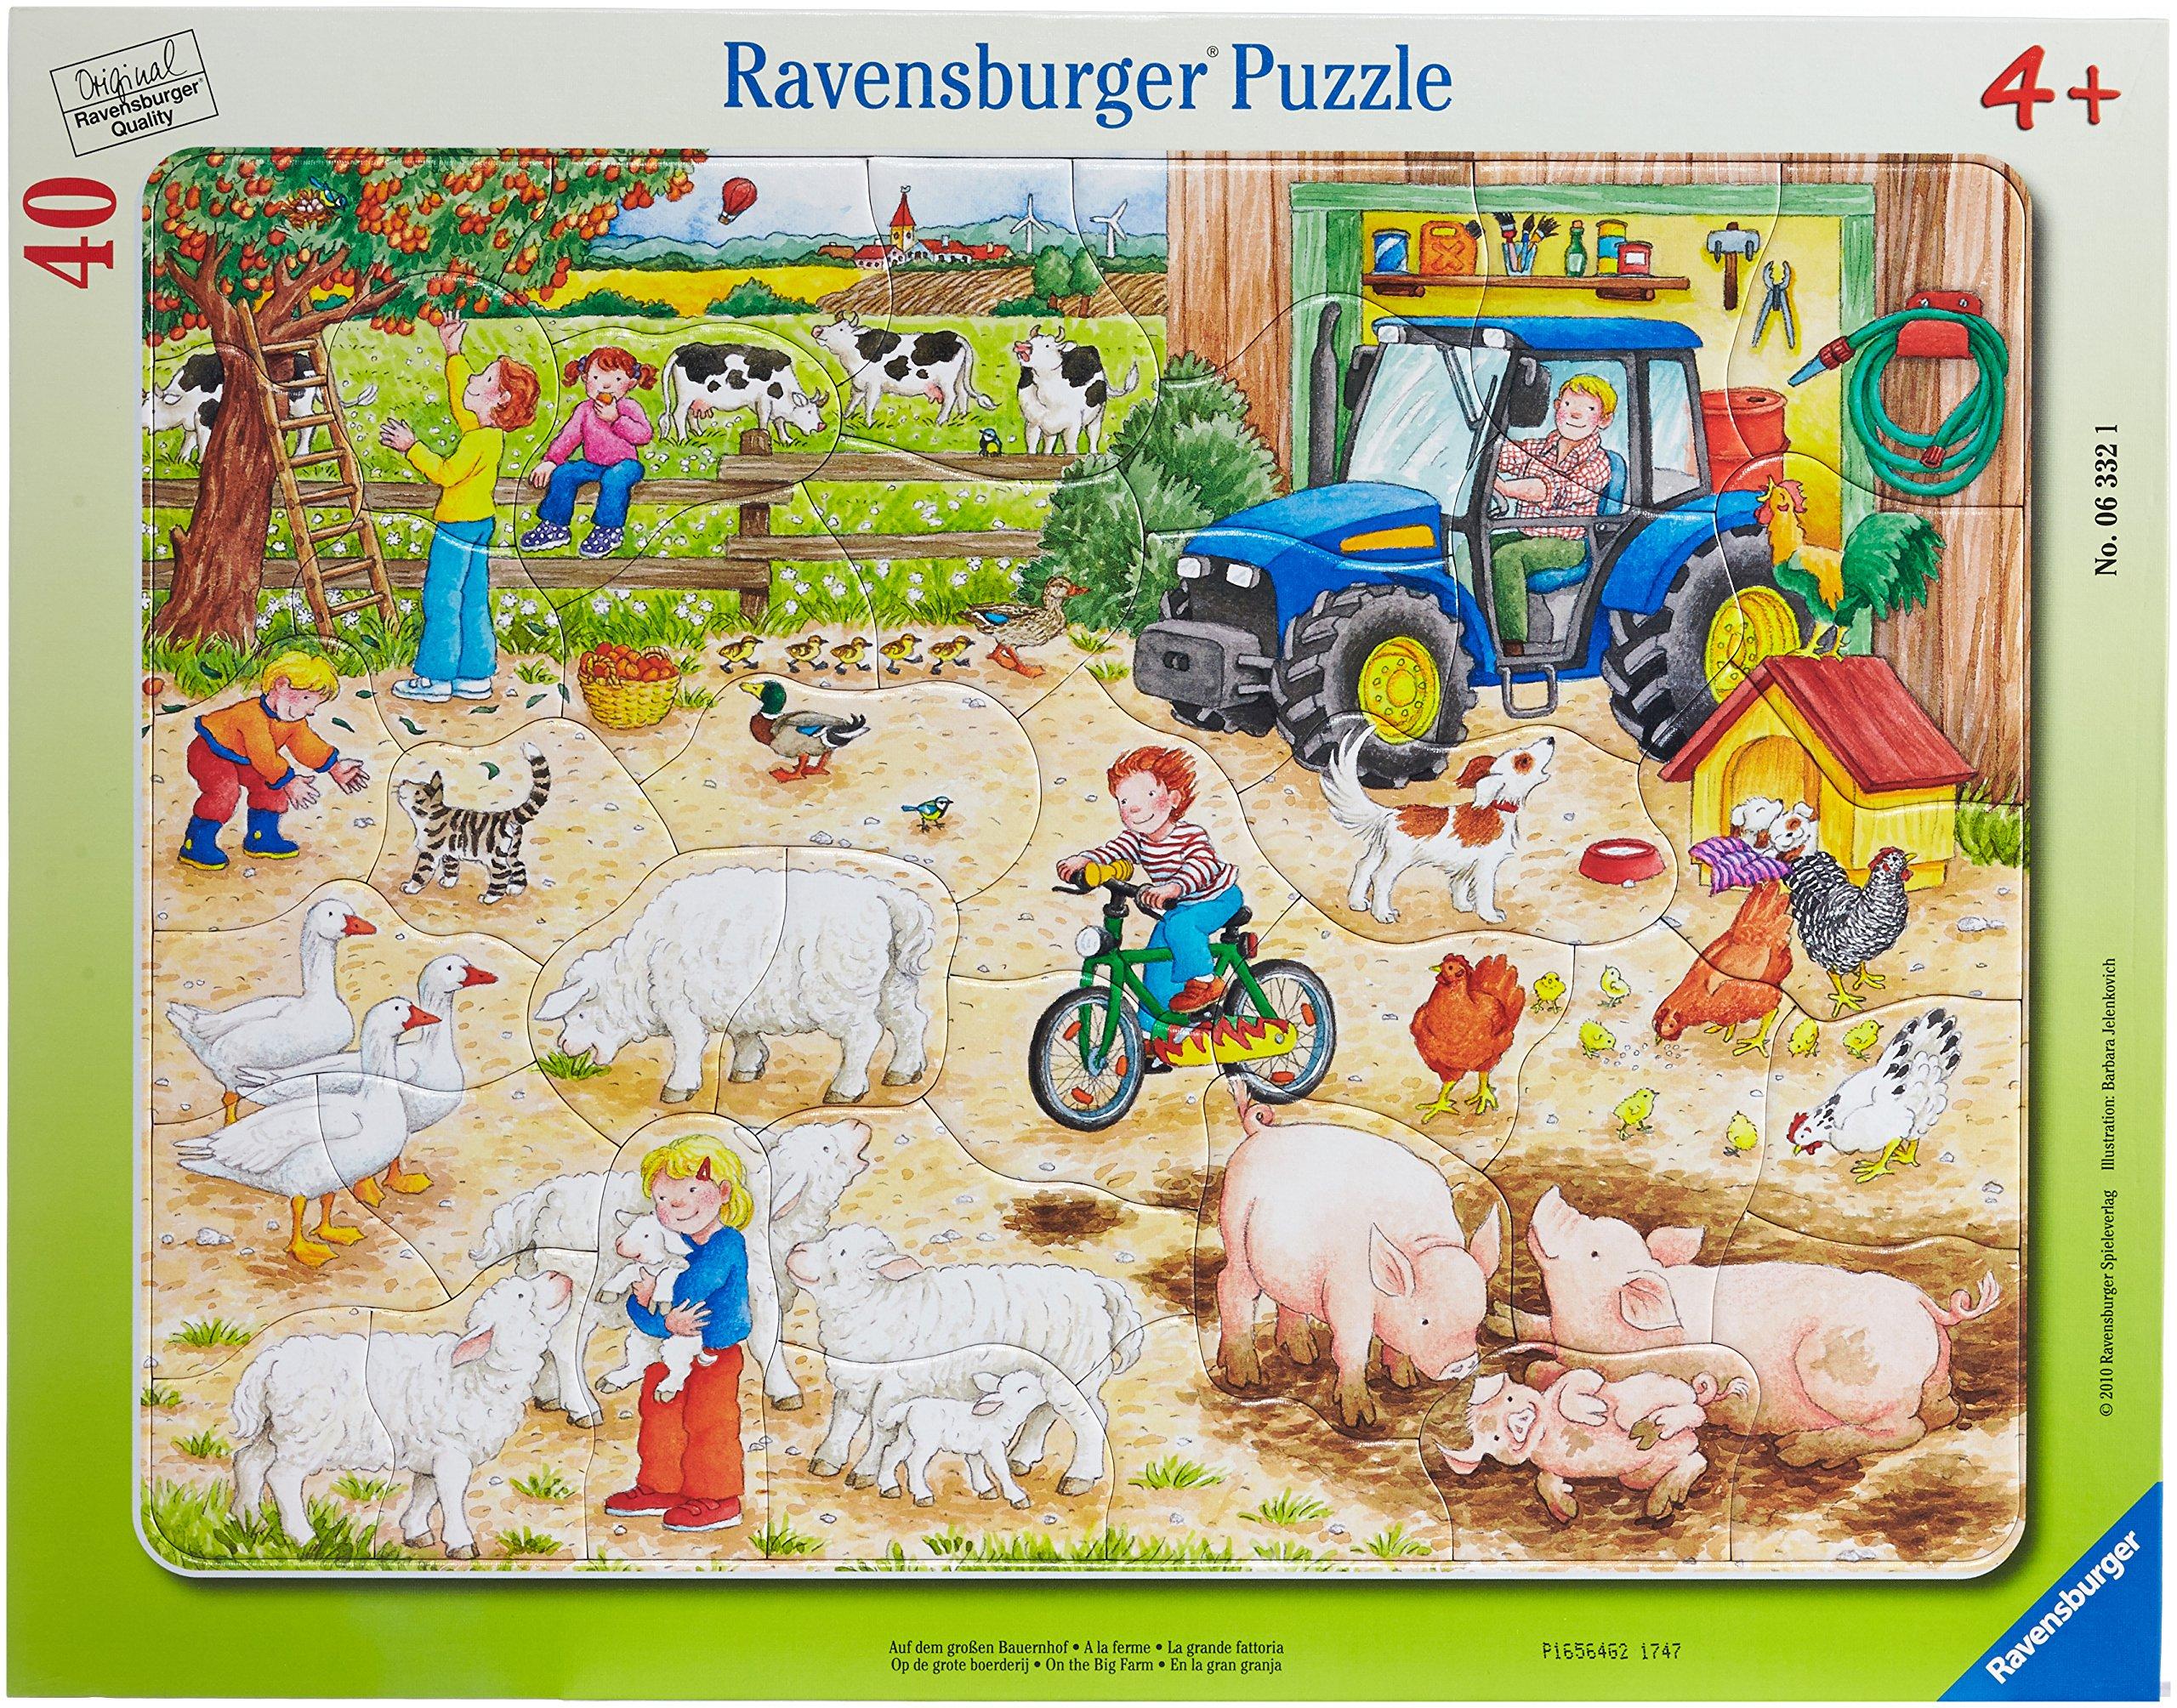 Ravensburger 63321- Puzzle Infantil (40 Piezas): Amazon.es: Juguetes y juegos